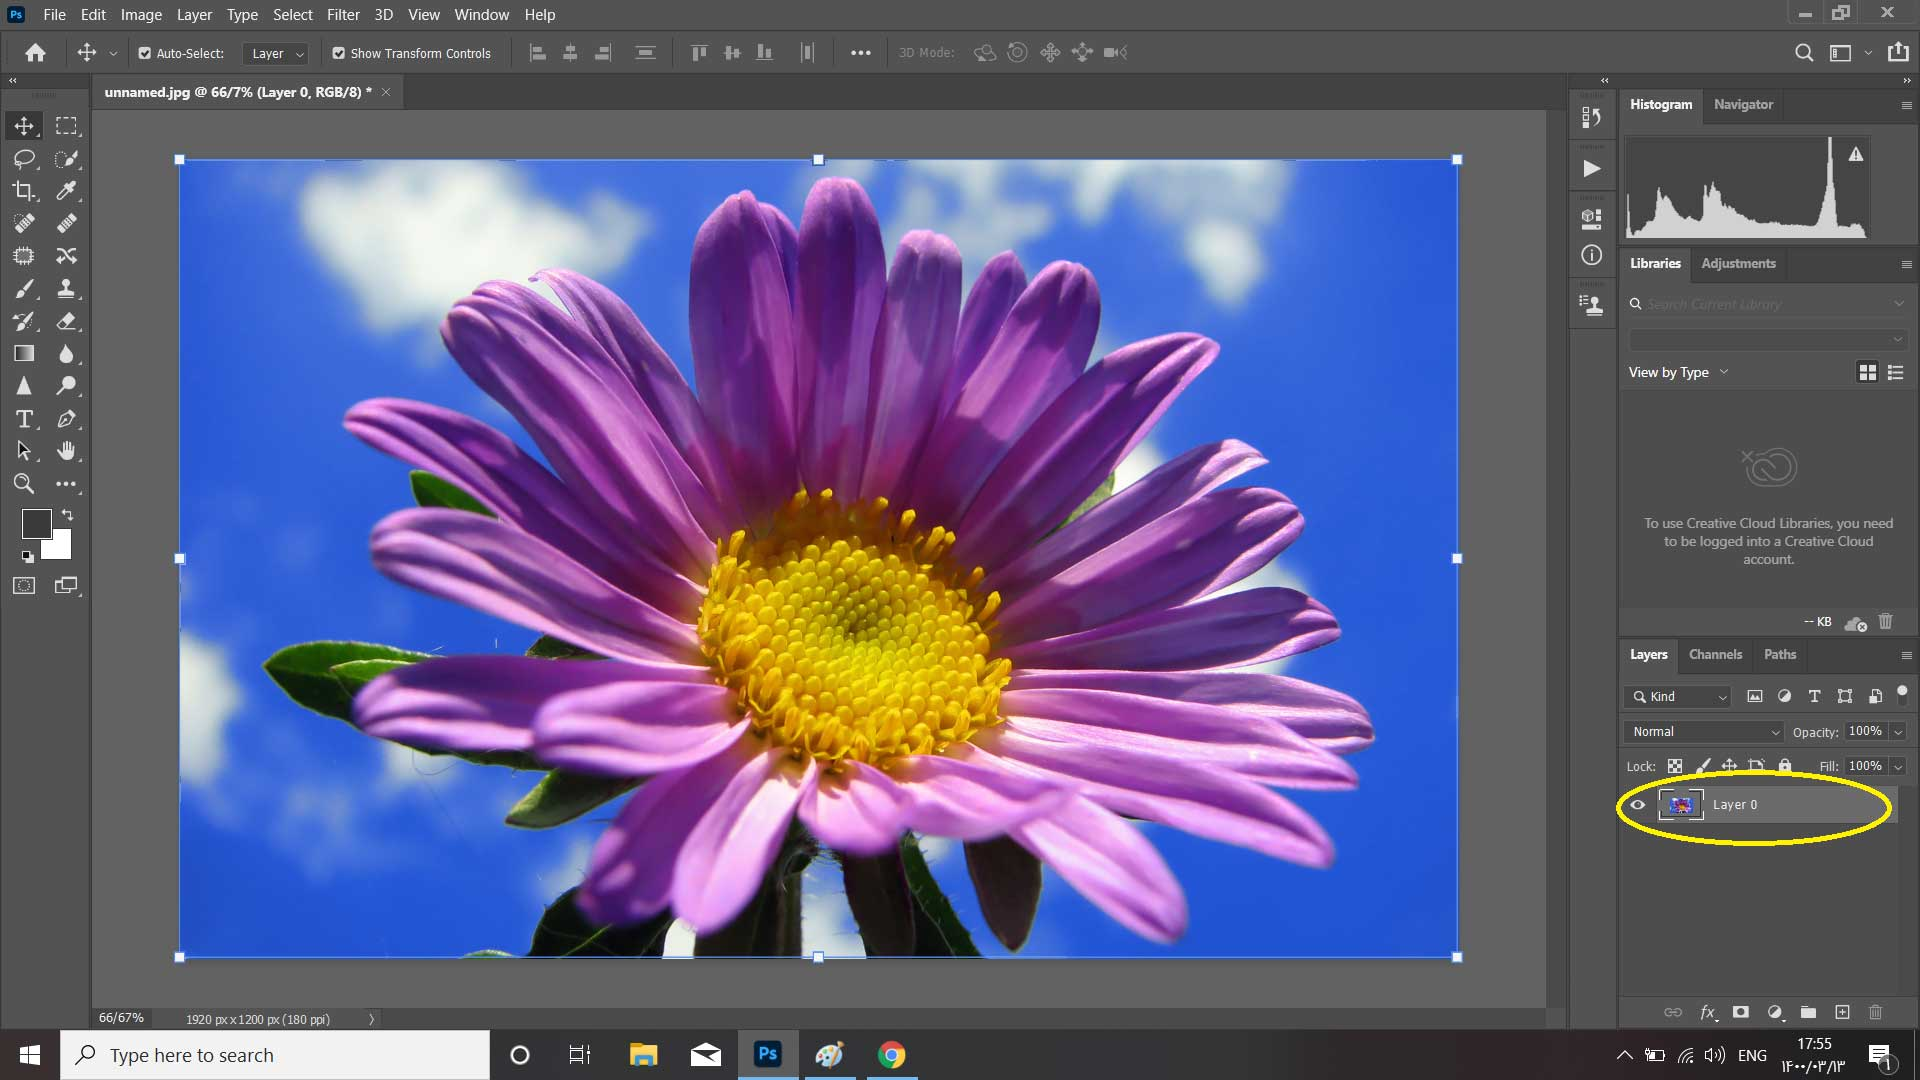 رنگی کردن قسمتی از تصویر